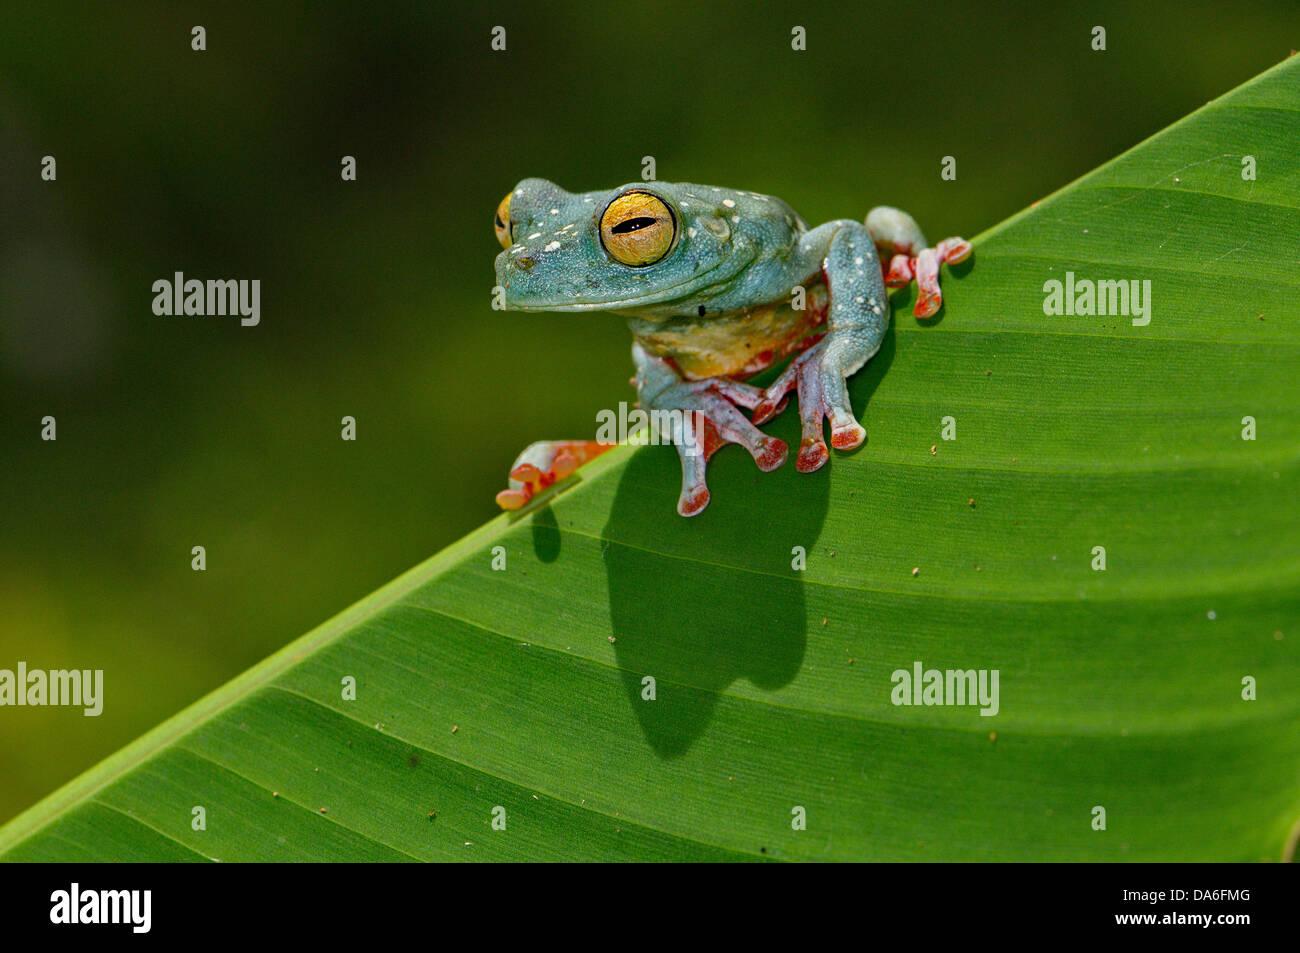 Frosch, Frösche, Laubfrosch, Scarlet-Schwimmhäuten Treefrog, Hypsiboas Rufitelus, Amphibium, Amphibien, Stockbild